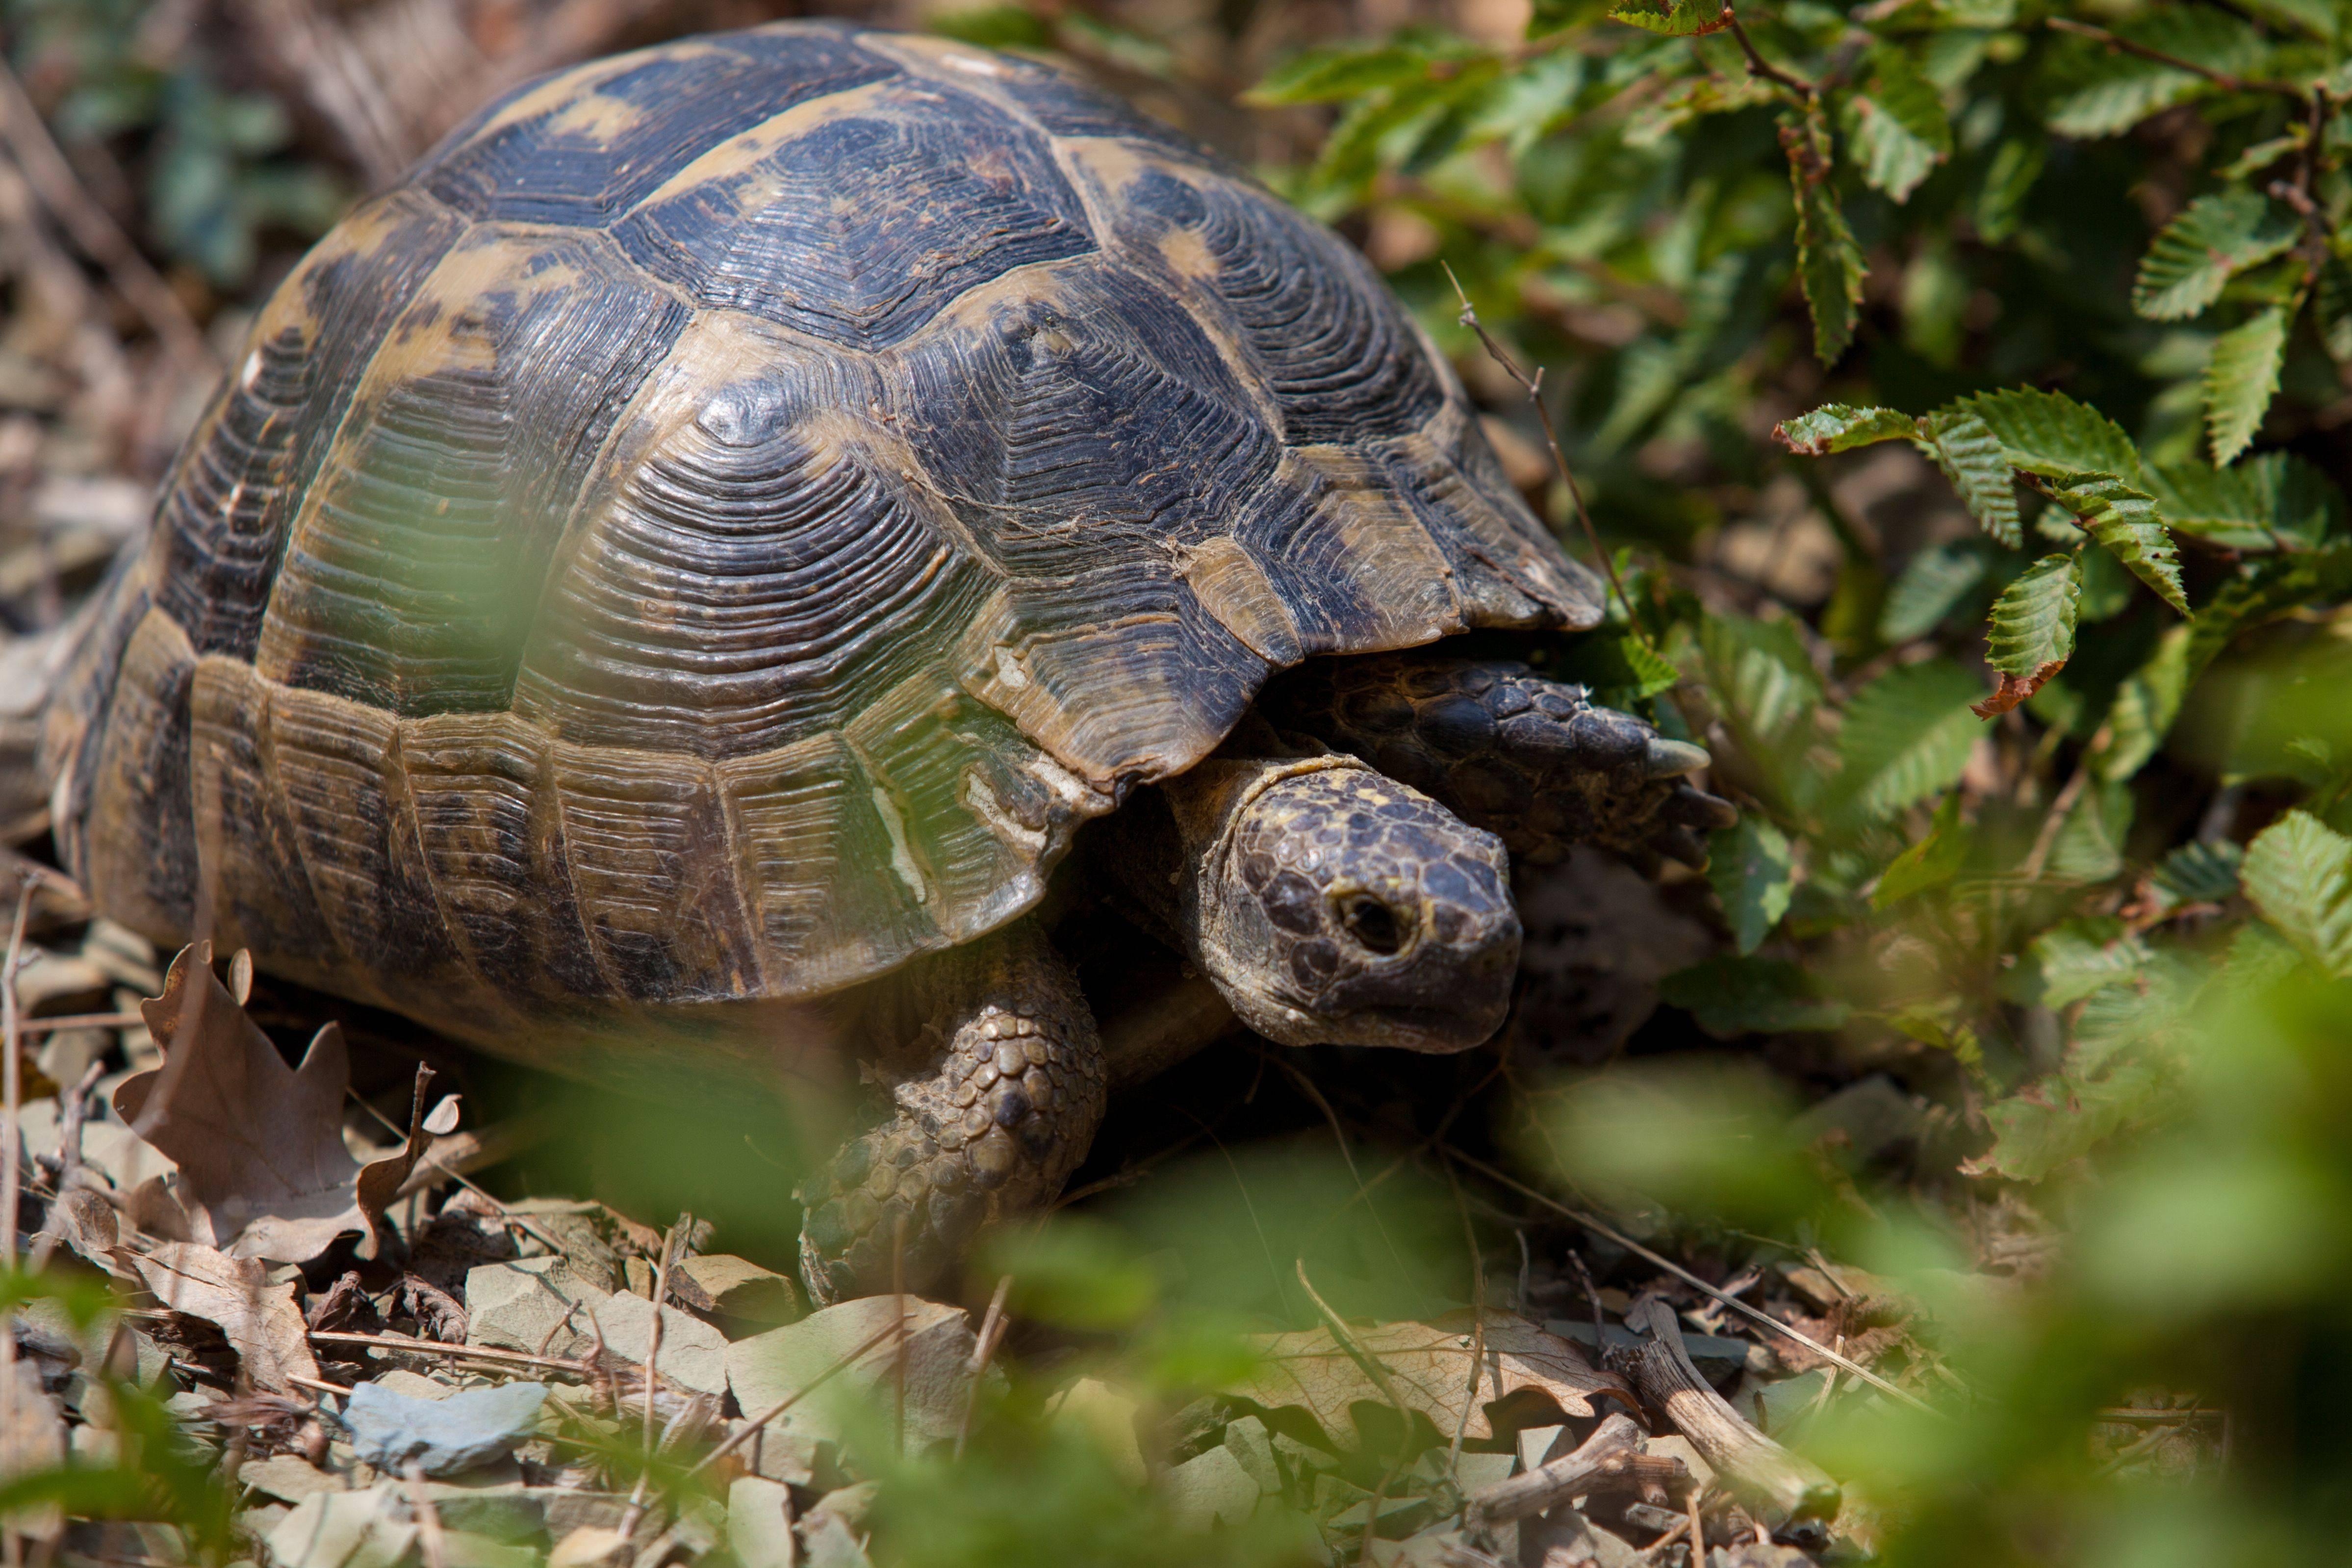 Греческая черепаха (средиземноморская черепаха)